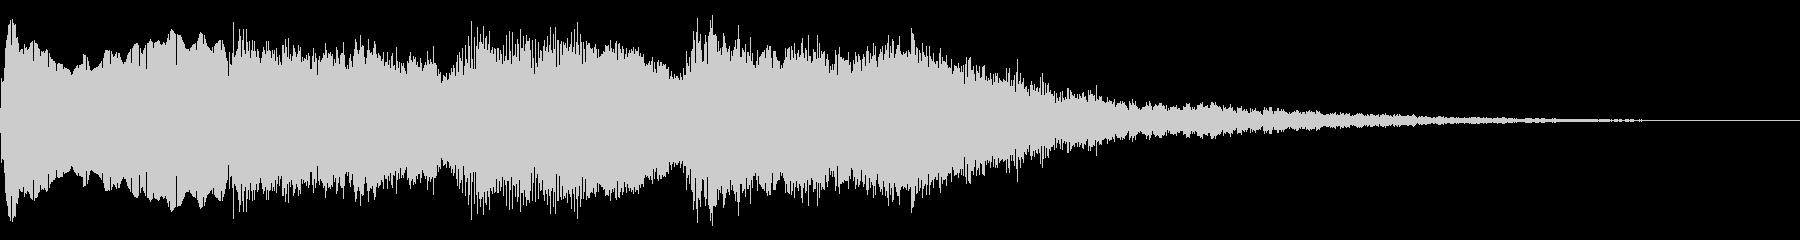 ミステリーな音 ゲームオーバー 奇怪な音の未再生の波形